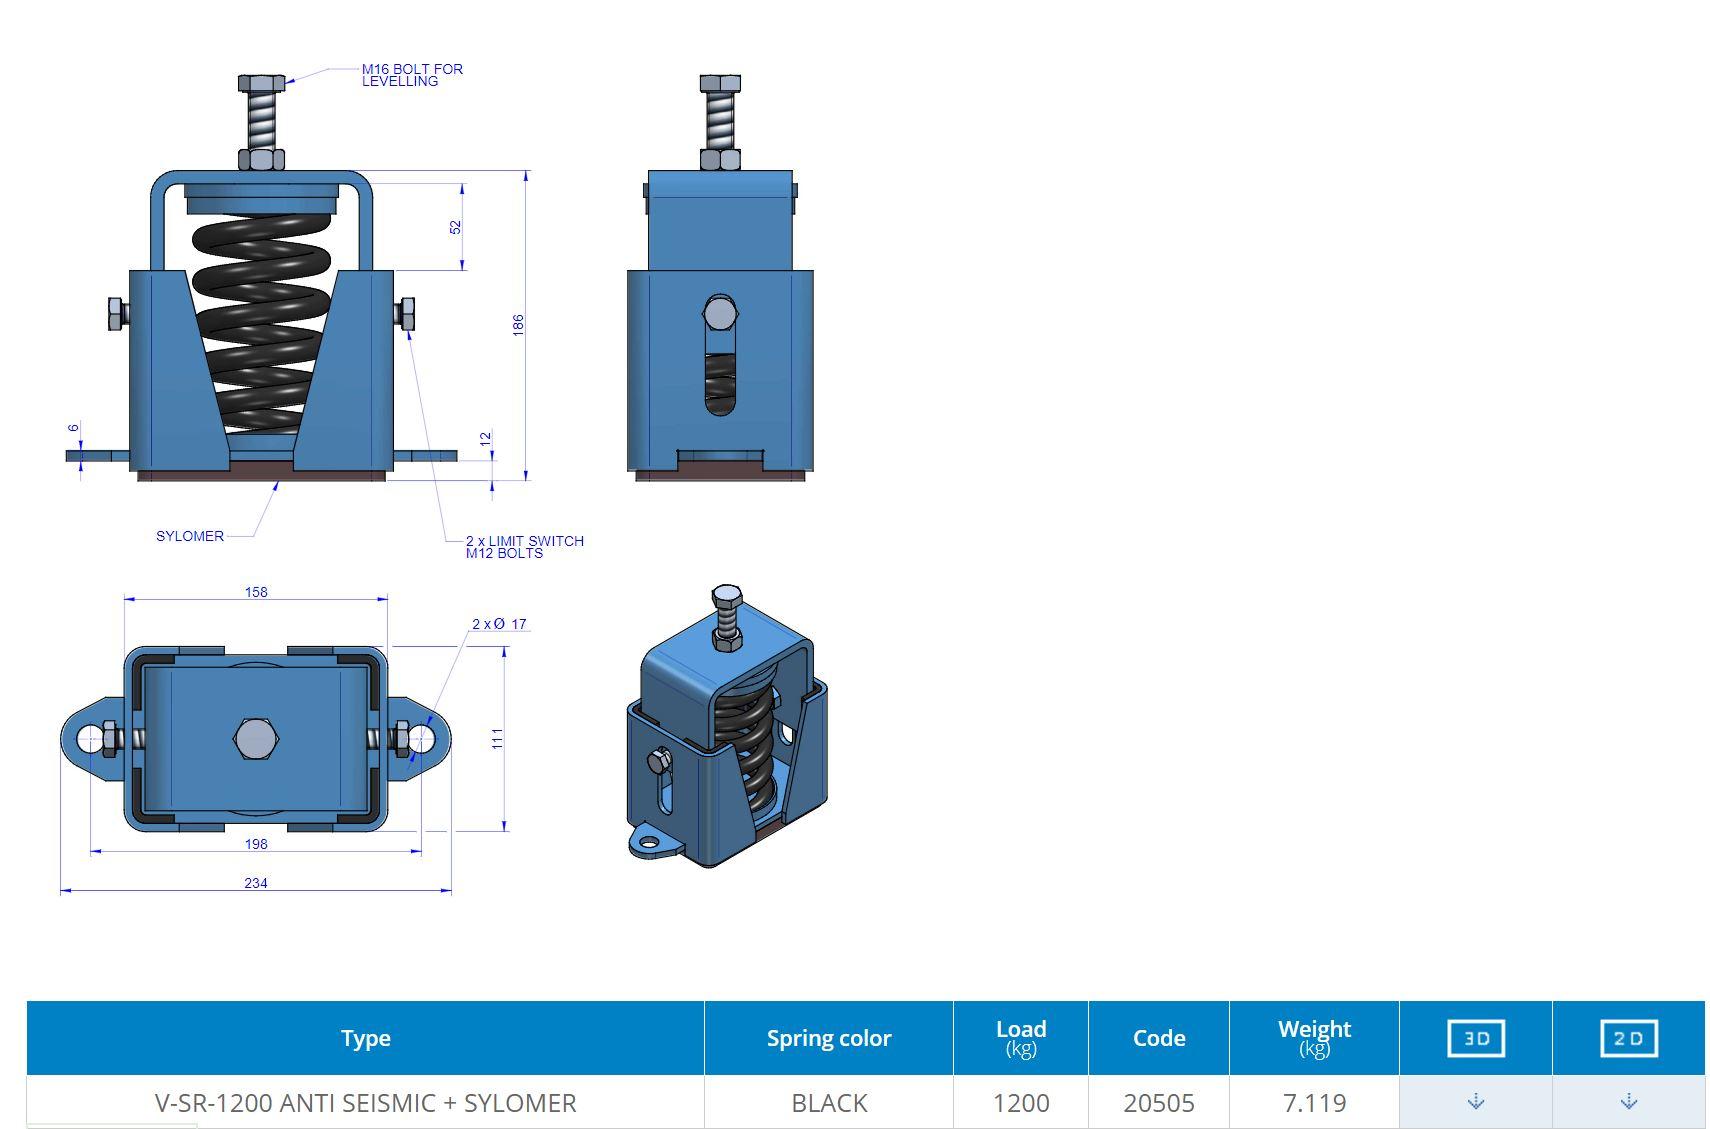 V-SR-1200 ANTI SEISMIC + SYLOMER